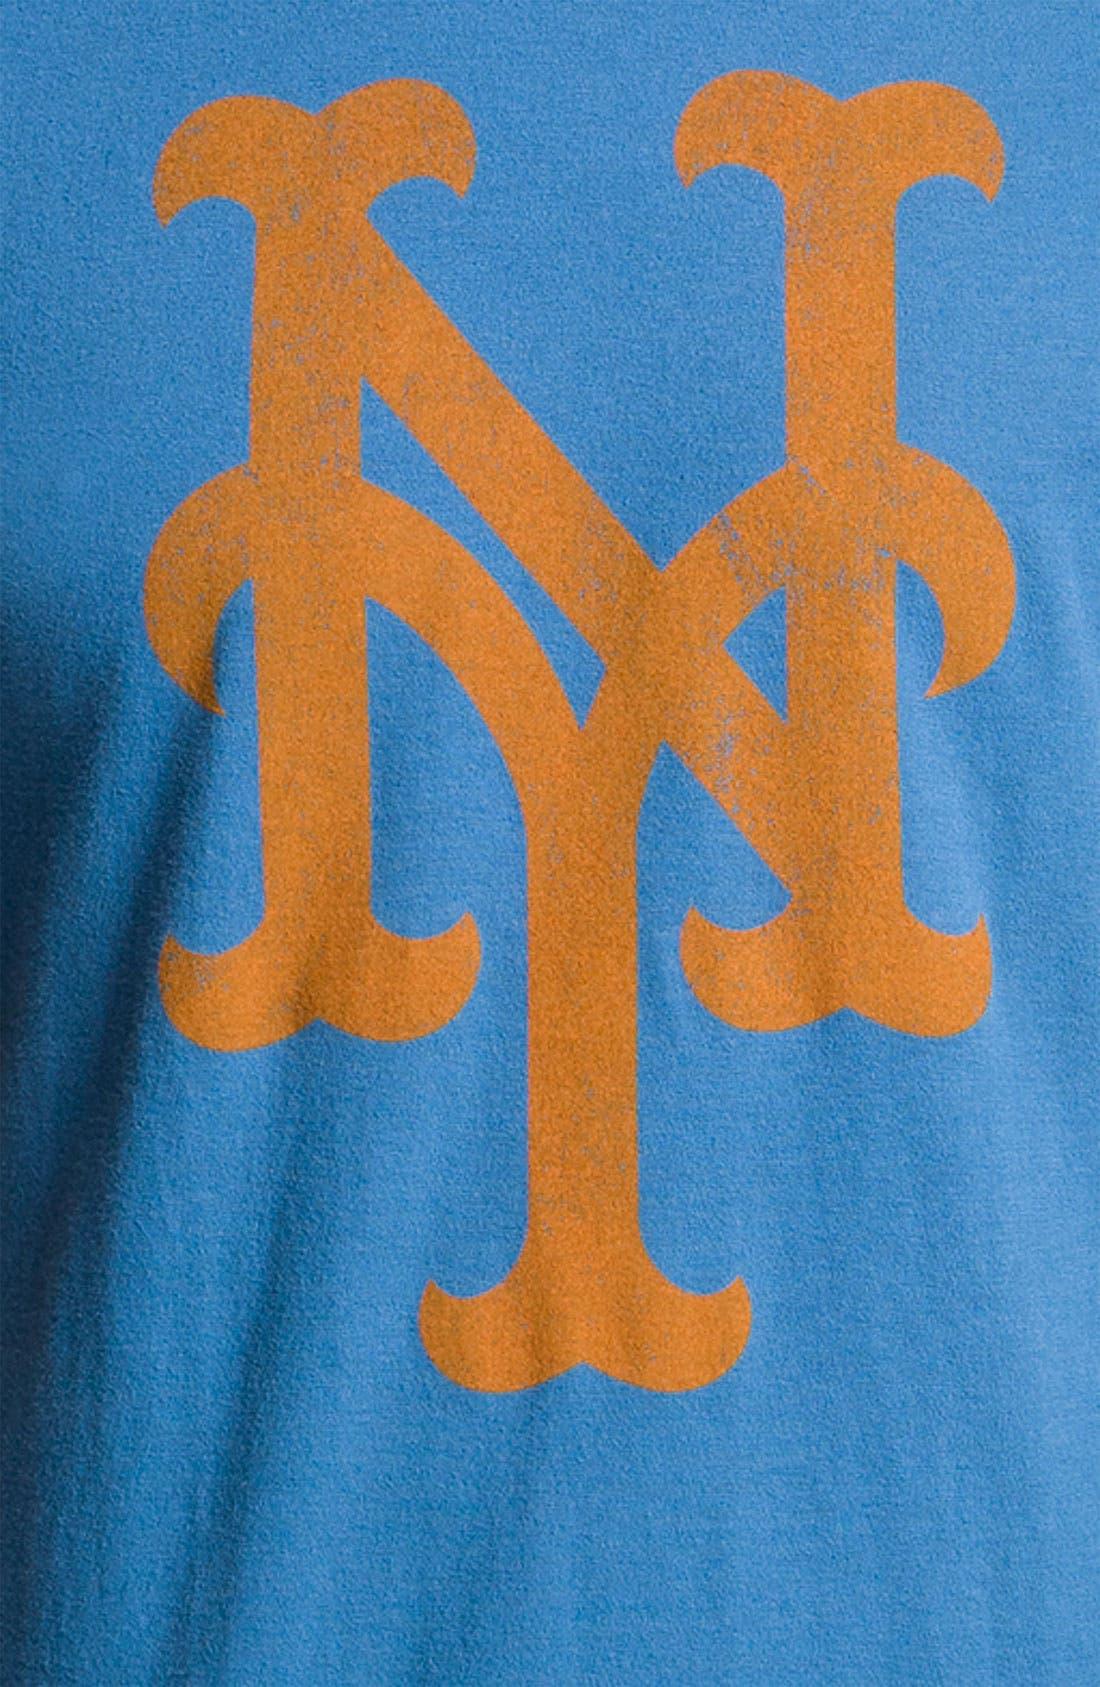 'New York Mets' Baseball T-Shirt,                             Alternate thumbnail 2, color,                             450